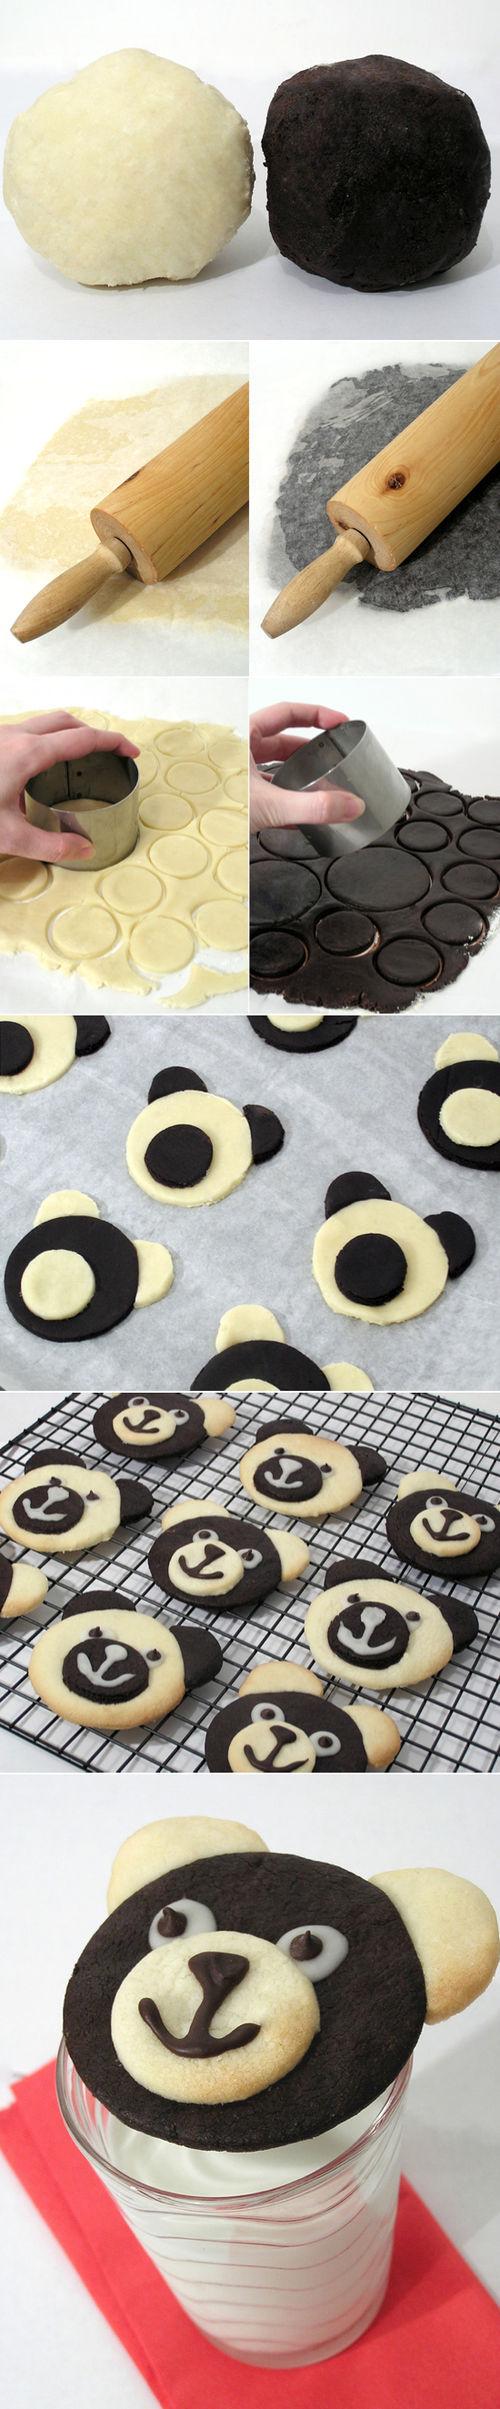 teddy bear cookies food pix